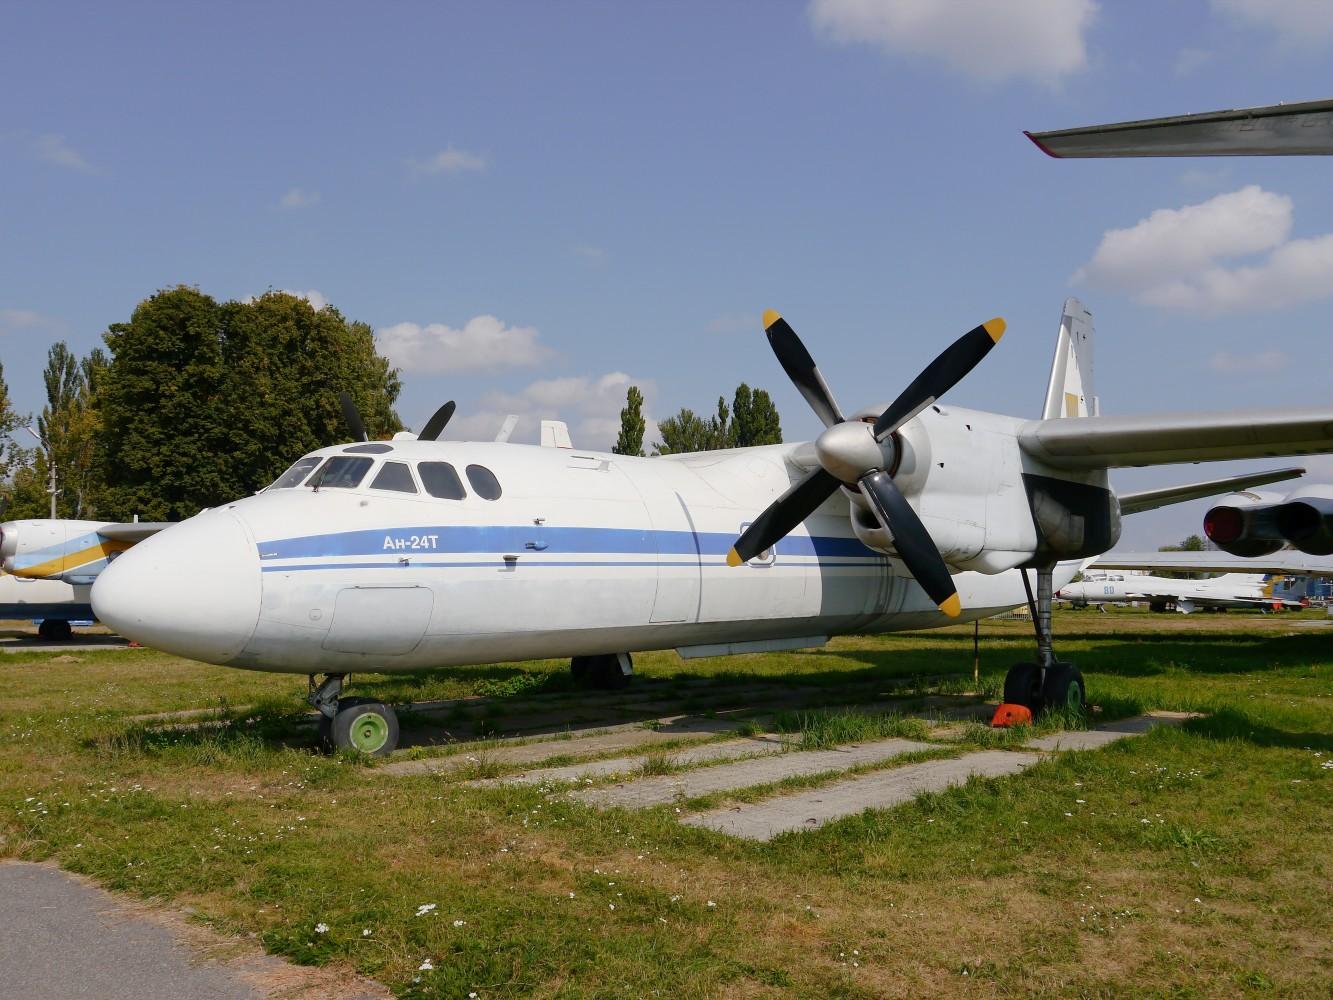 Kliknij obrazek, aby uzyskać większą wersję  Nazwa:An-24T.jpg Wyświetleń:12 Rozmiar:328,3 KB ID:234655